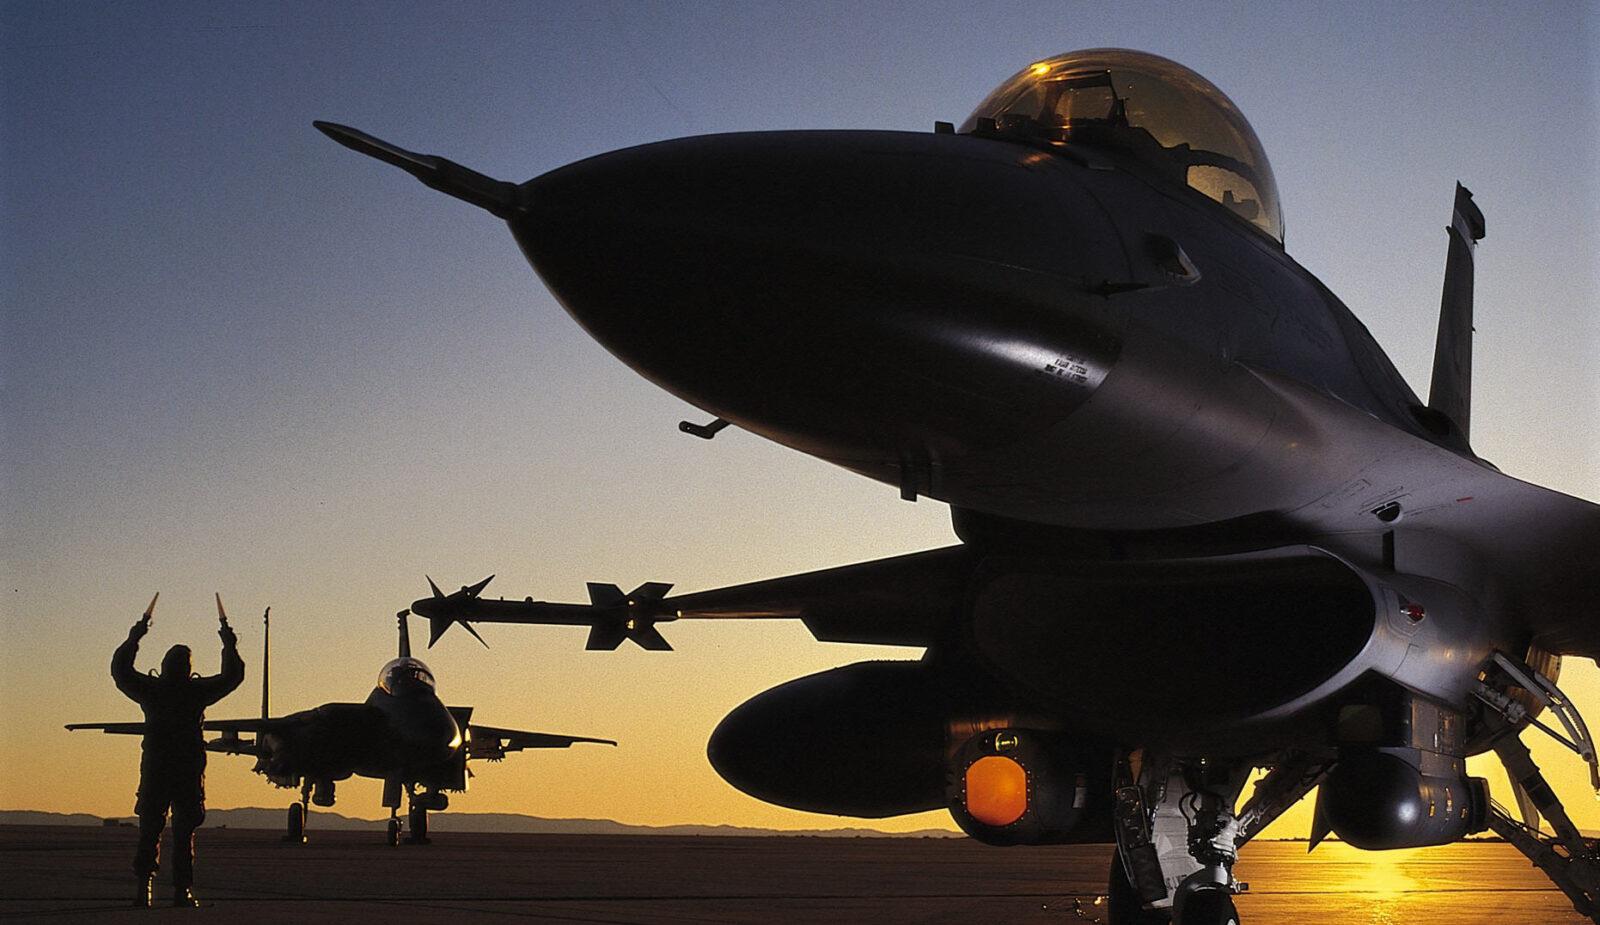 ВВС США должны Узбекистану 14.3 миллиона сум